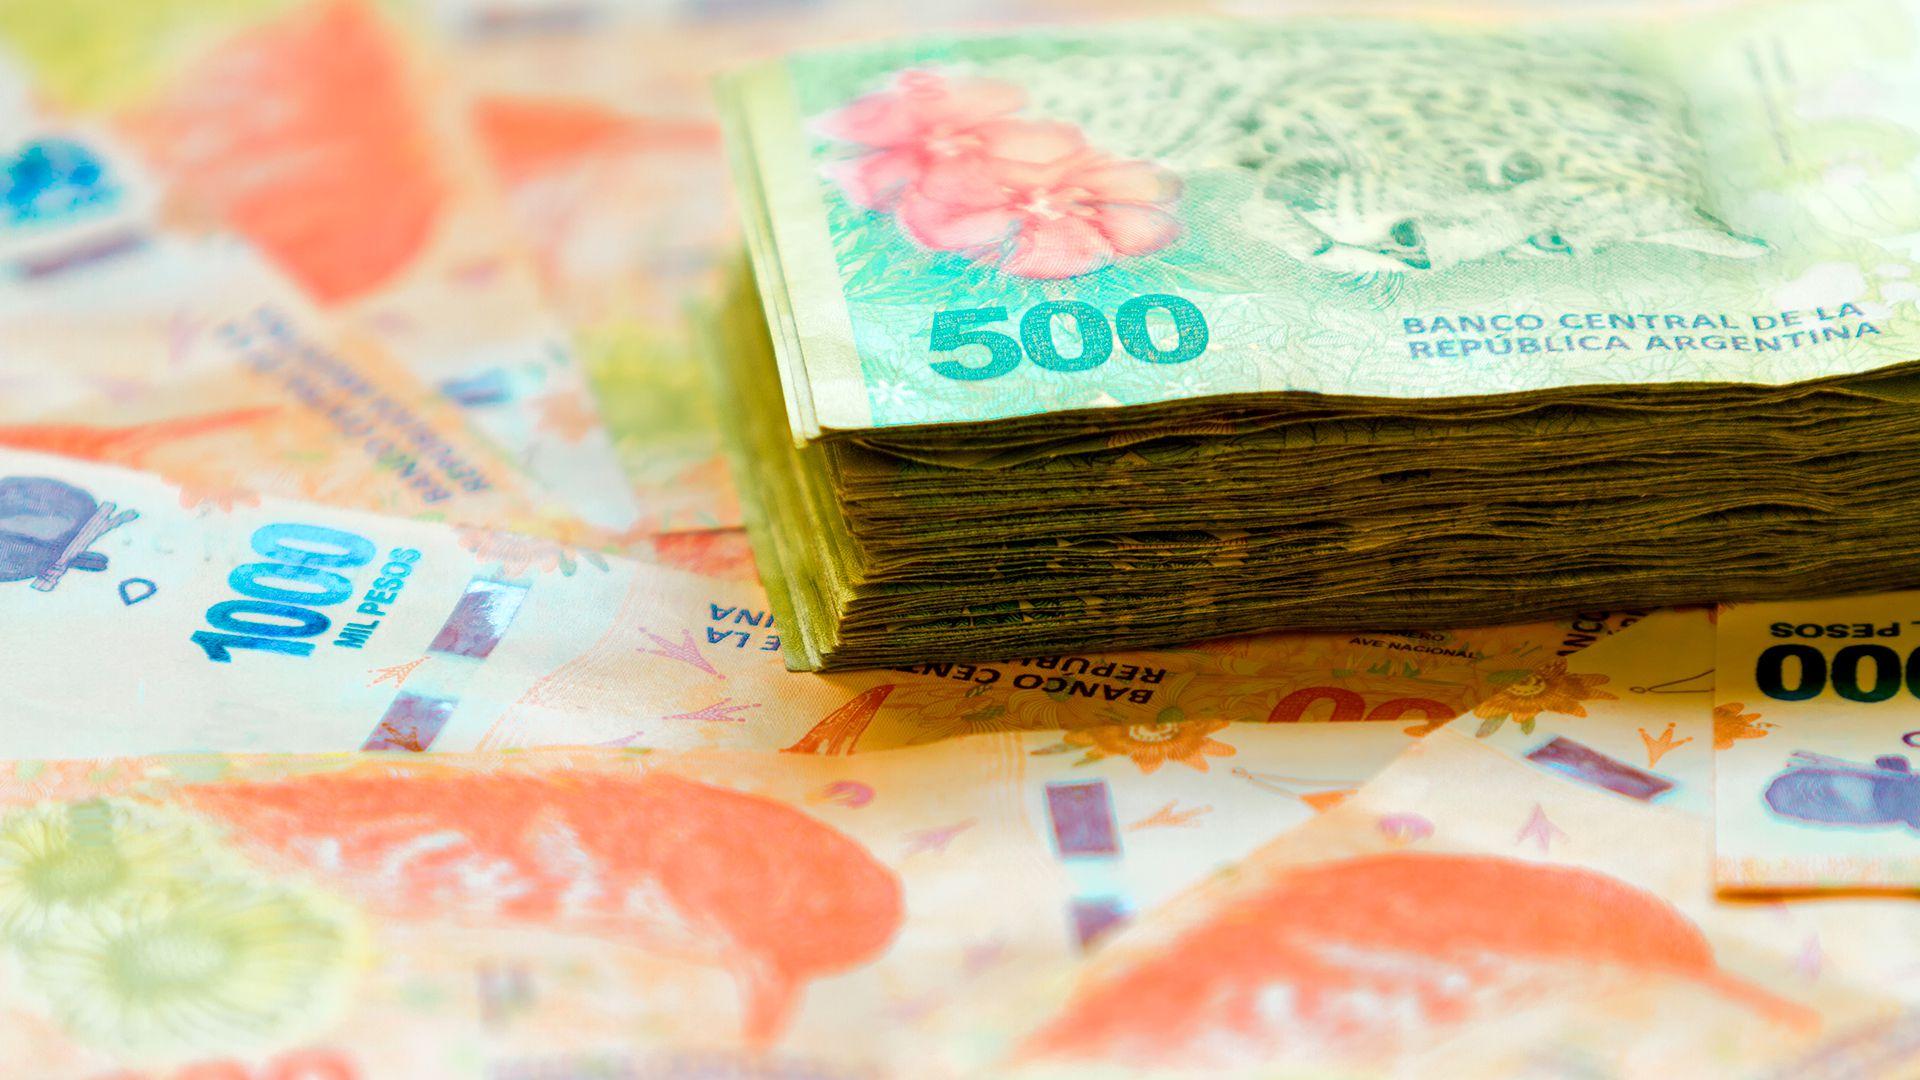 Los billetes acumulan todo tipo de microorganismos, al igual que las pantallas de los celulares (Foto: Shutterstock)